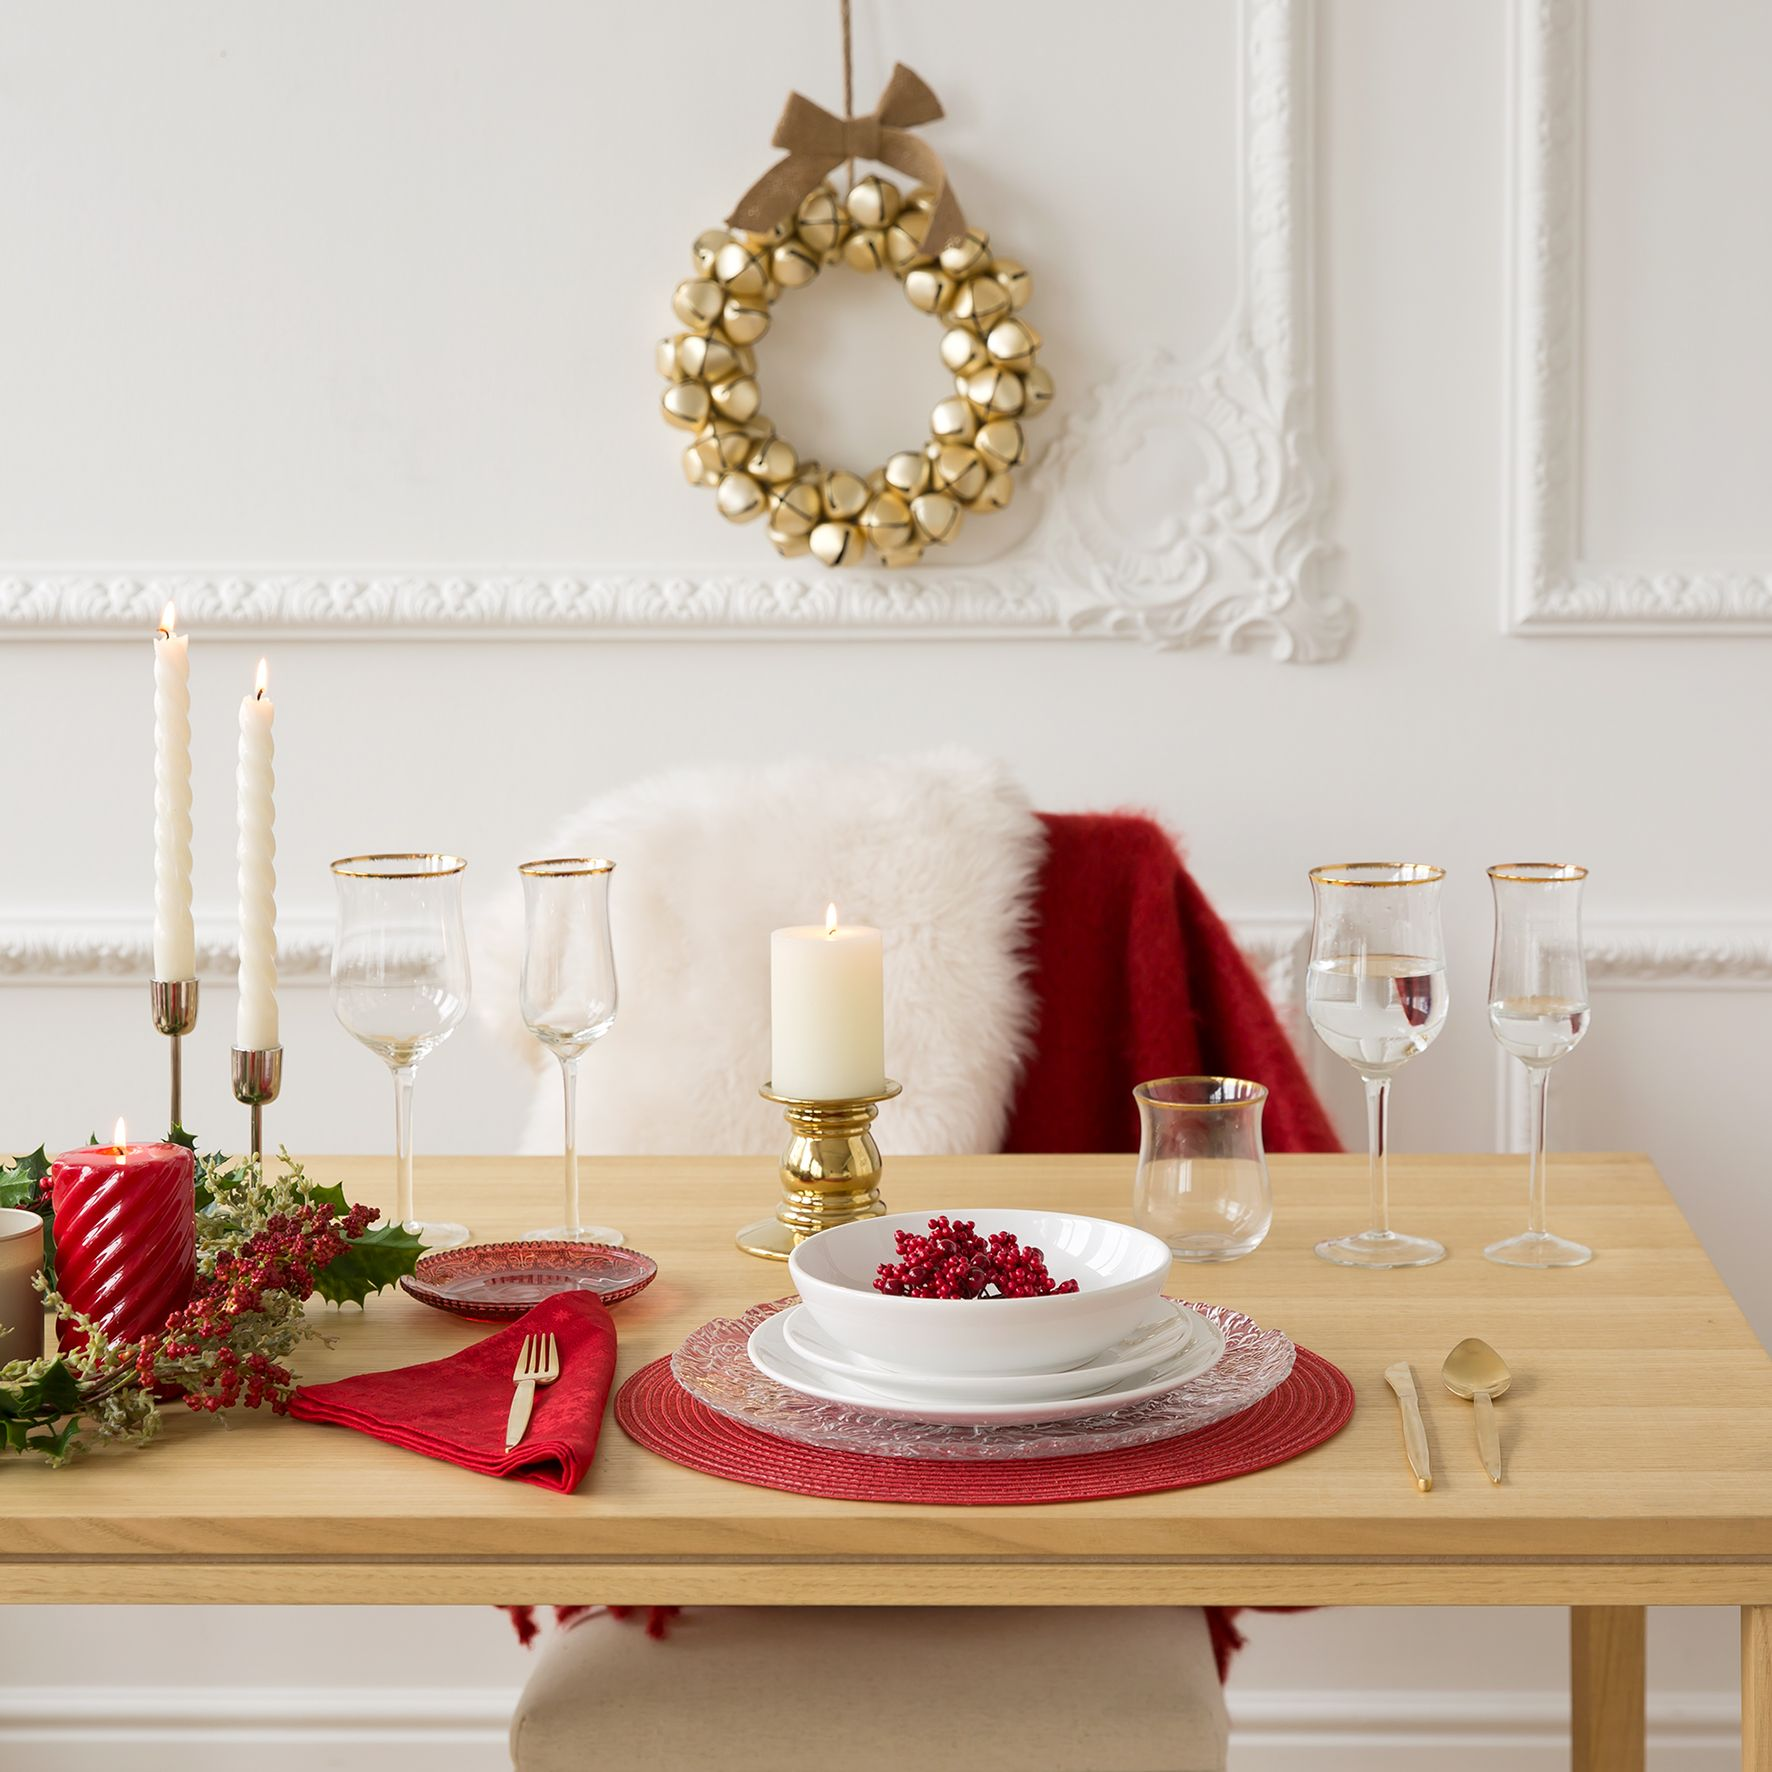 zara home decorazioni natalizie: ghirlande